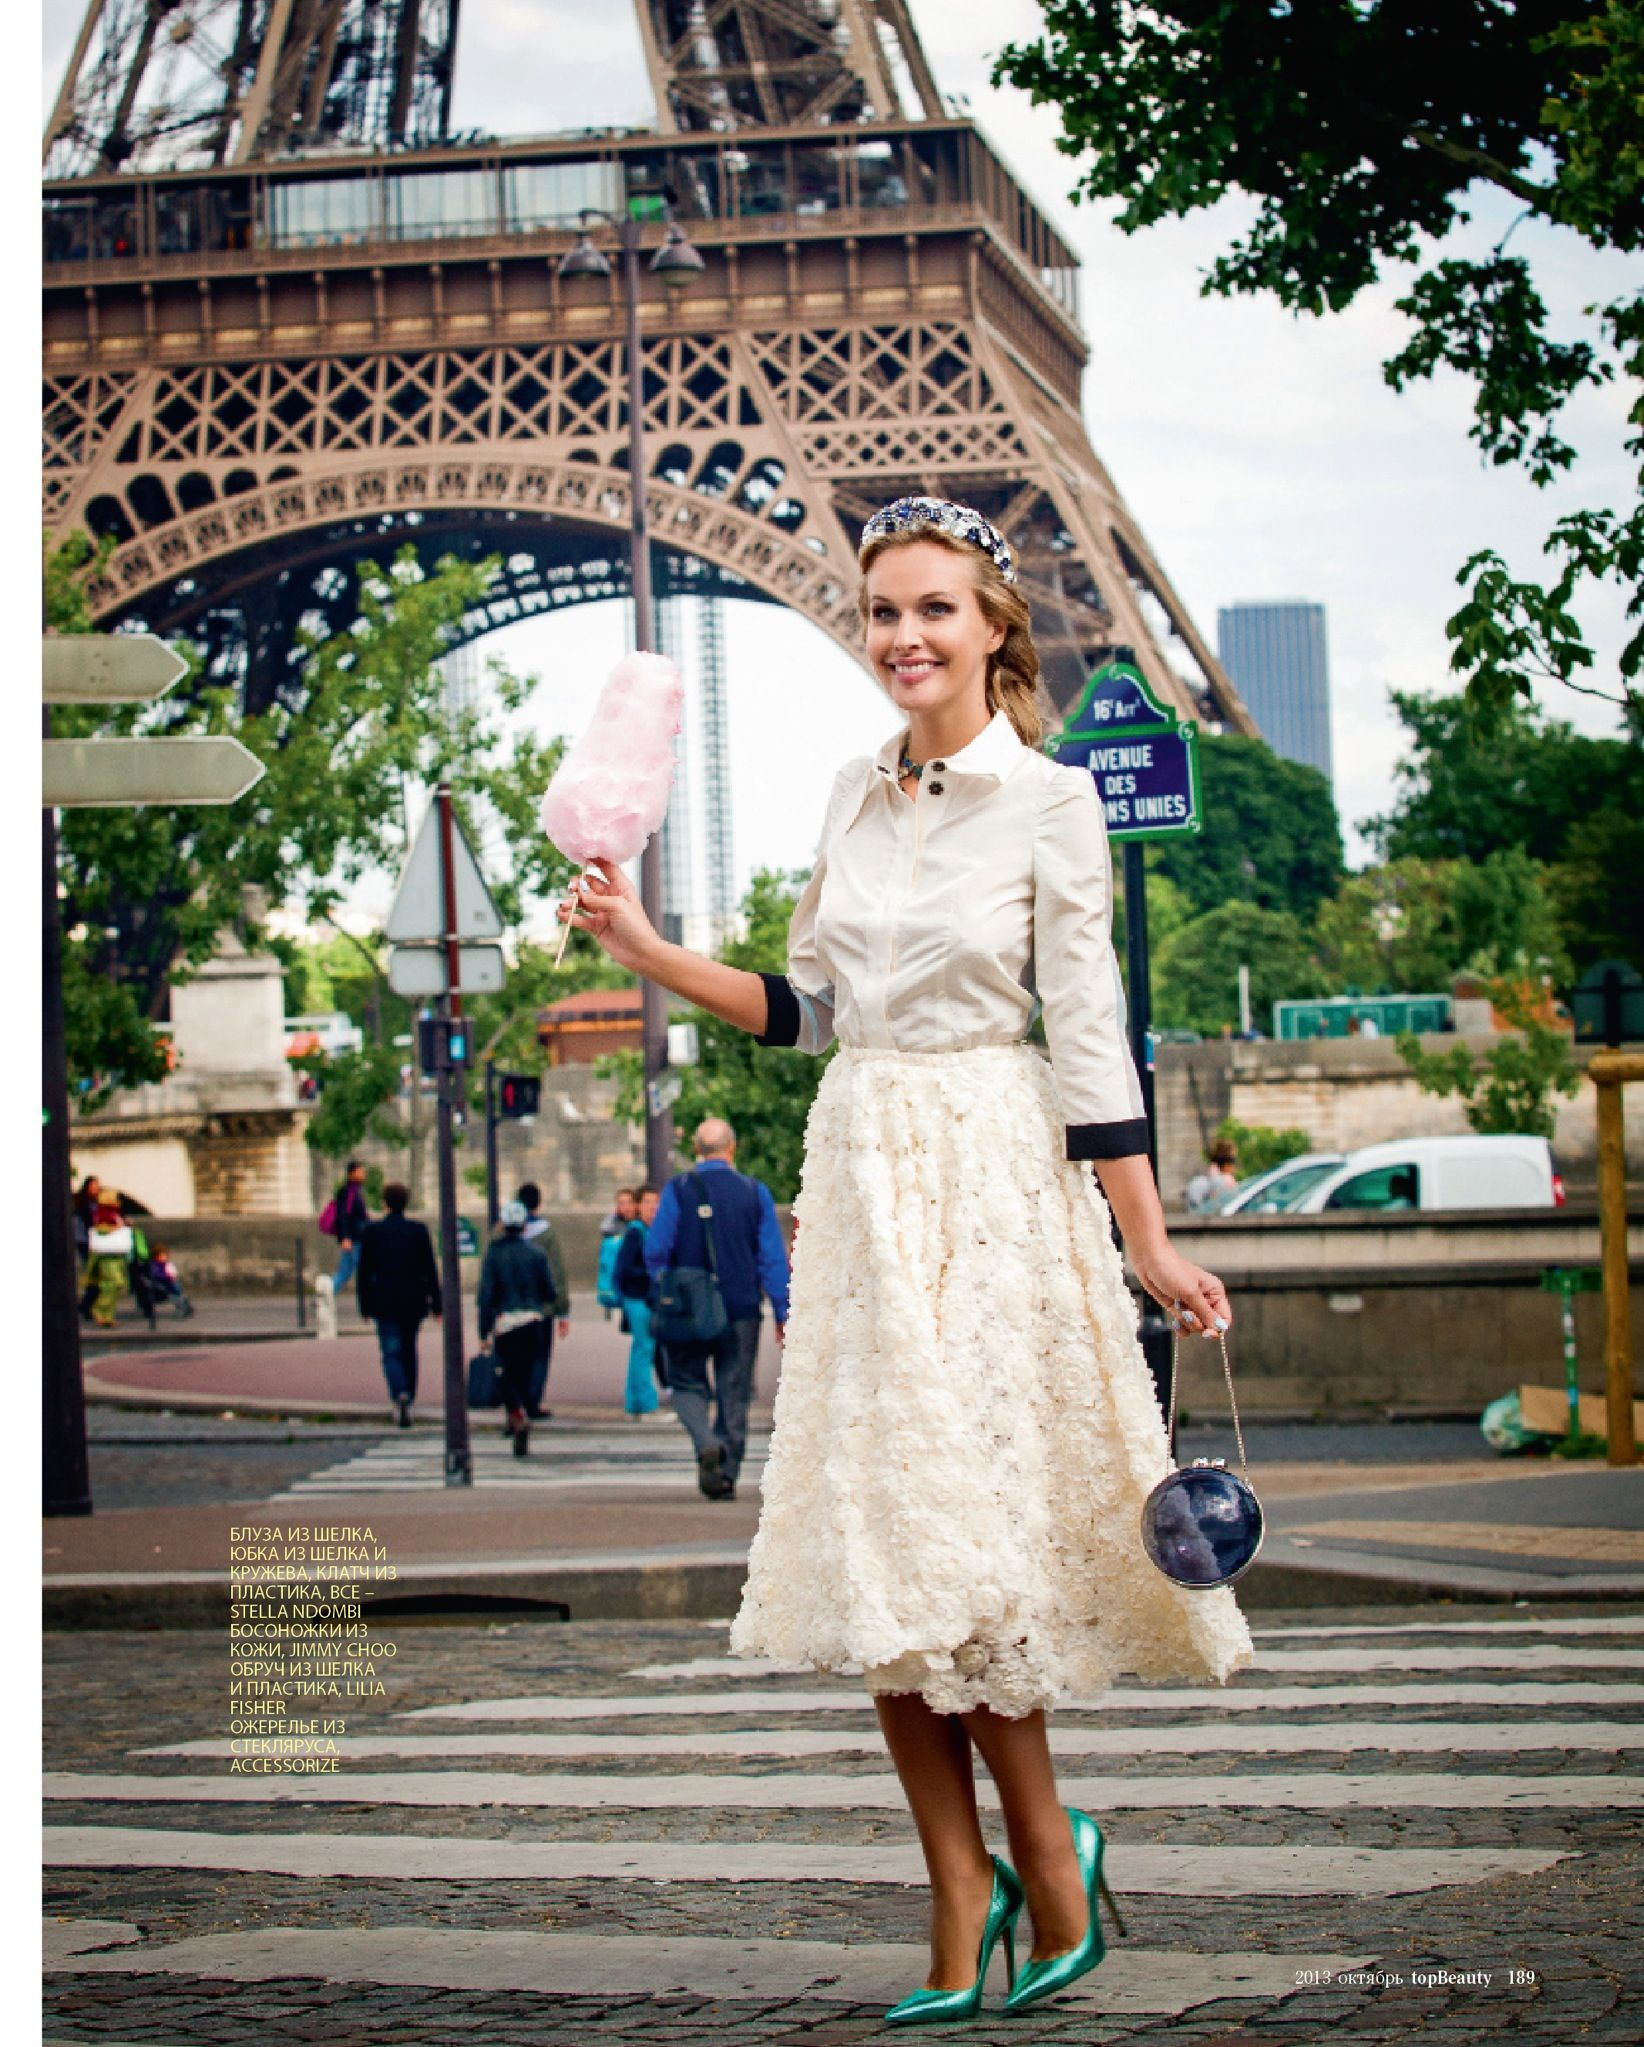 Ободок Lilia Fisher в журнале TOPBEAUTY October 2013 в Париже.